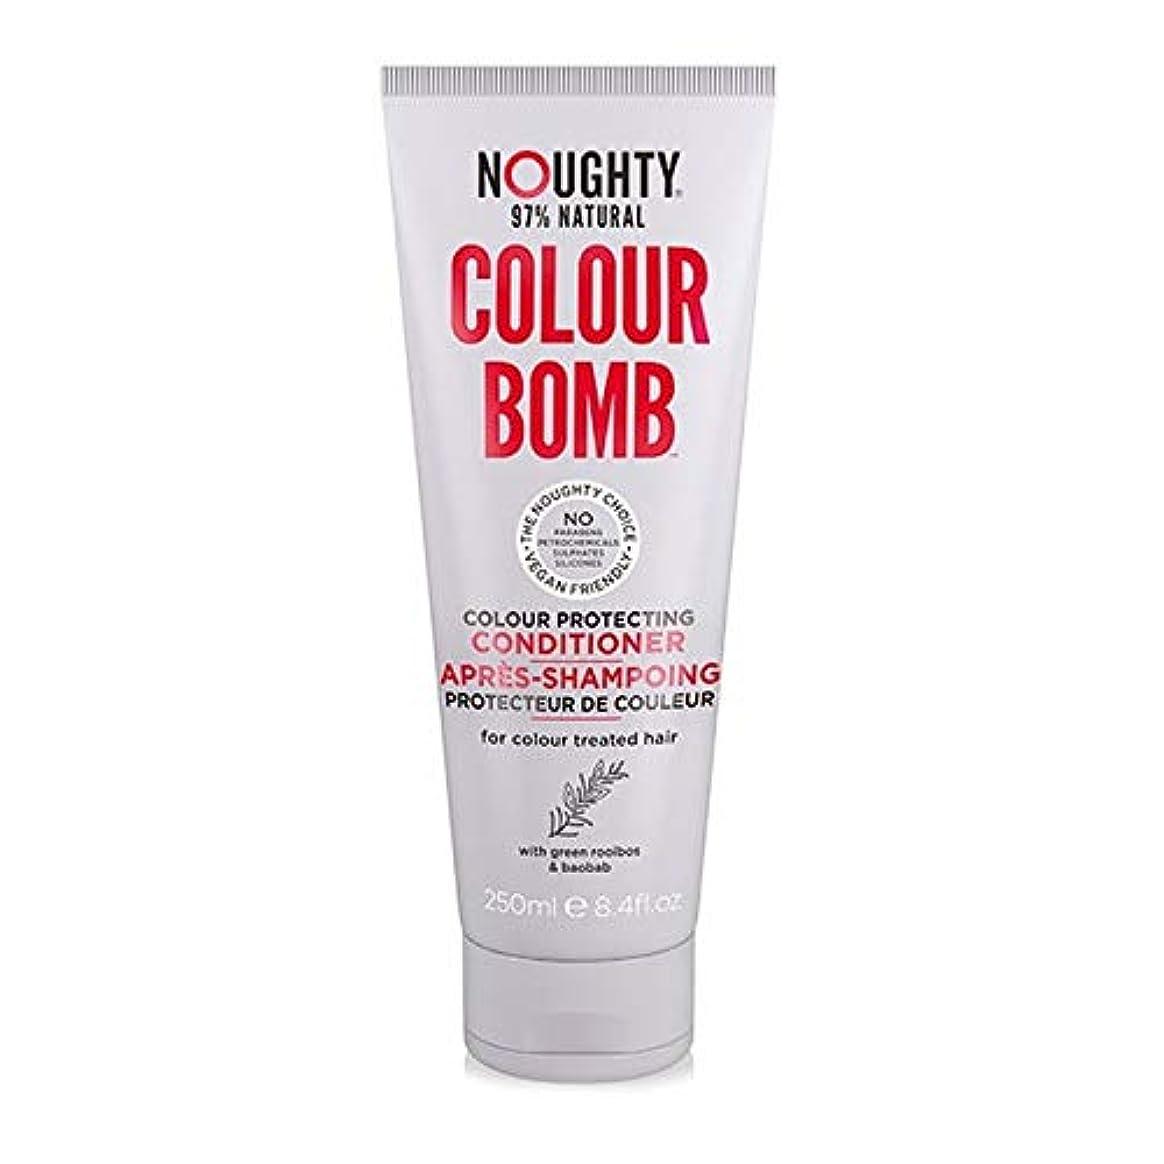 ガラス許容モジュール[Noughty] コンディショナー250Mlを保護Noughtyカラー爆弾の色 - Noughty Colour Bomb Colour Protecting Conditioner 250ml [並行輸入品]